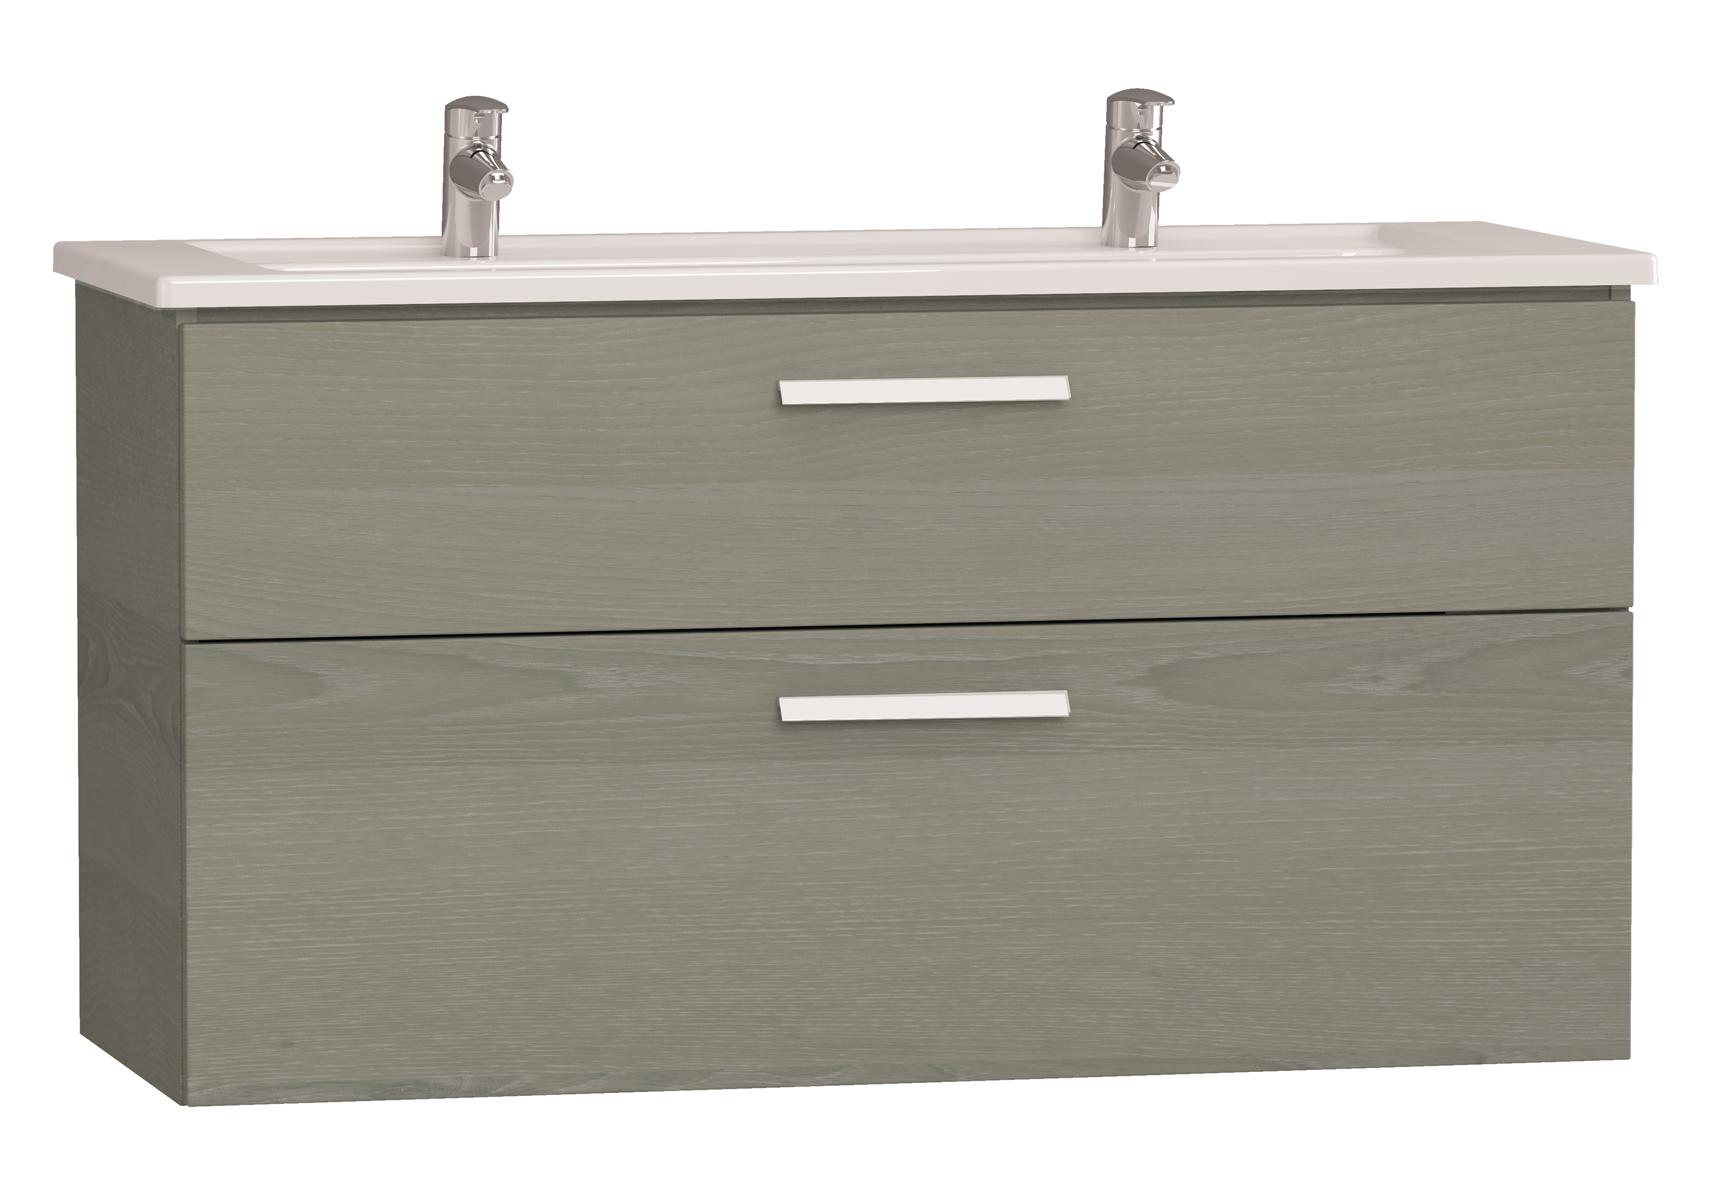 Integra meuble avec plan céramique avec deux trous centraux pour robinet, 120 cm, chêne gris naturel